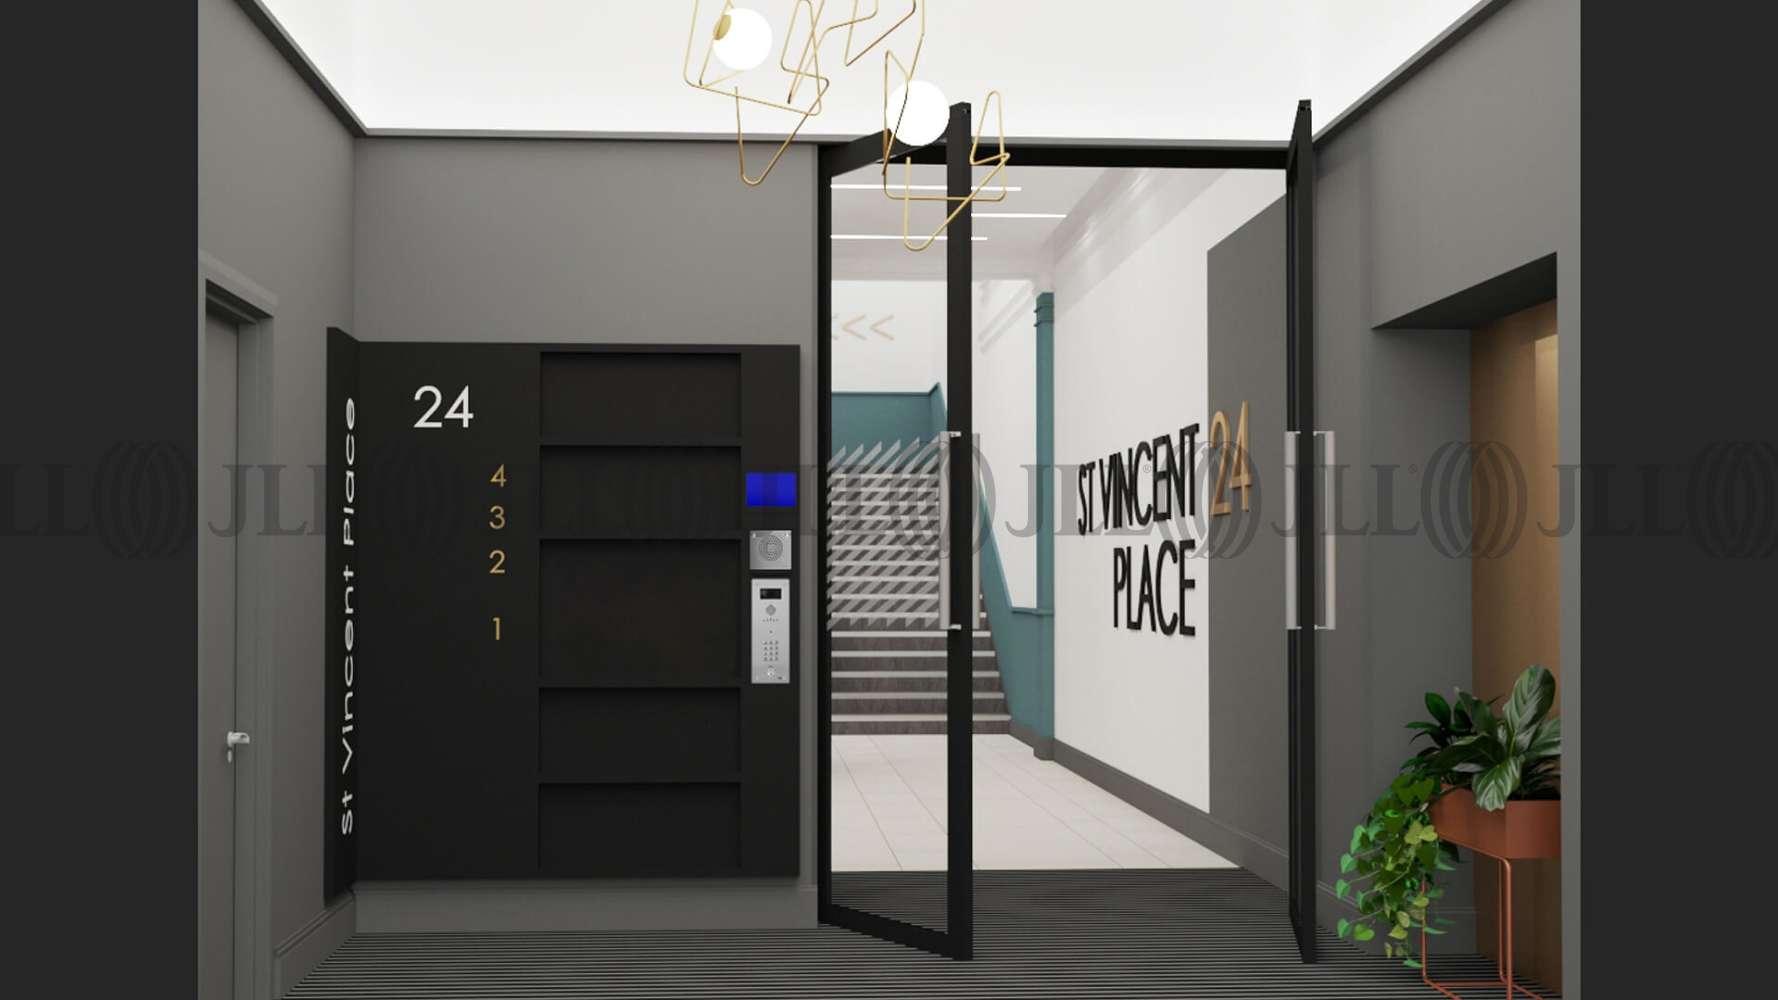 Office Glasgow, G1 2EU - 24 St. Vincent Place